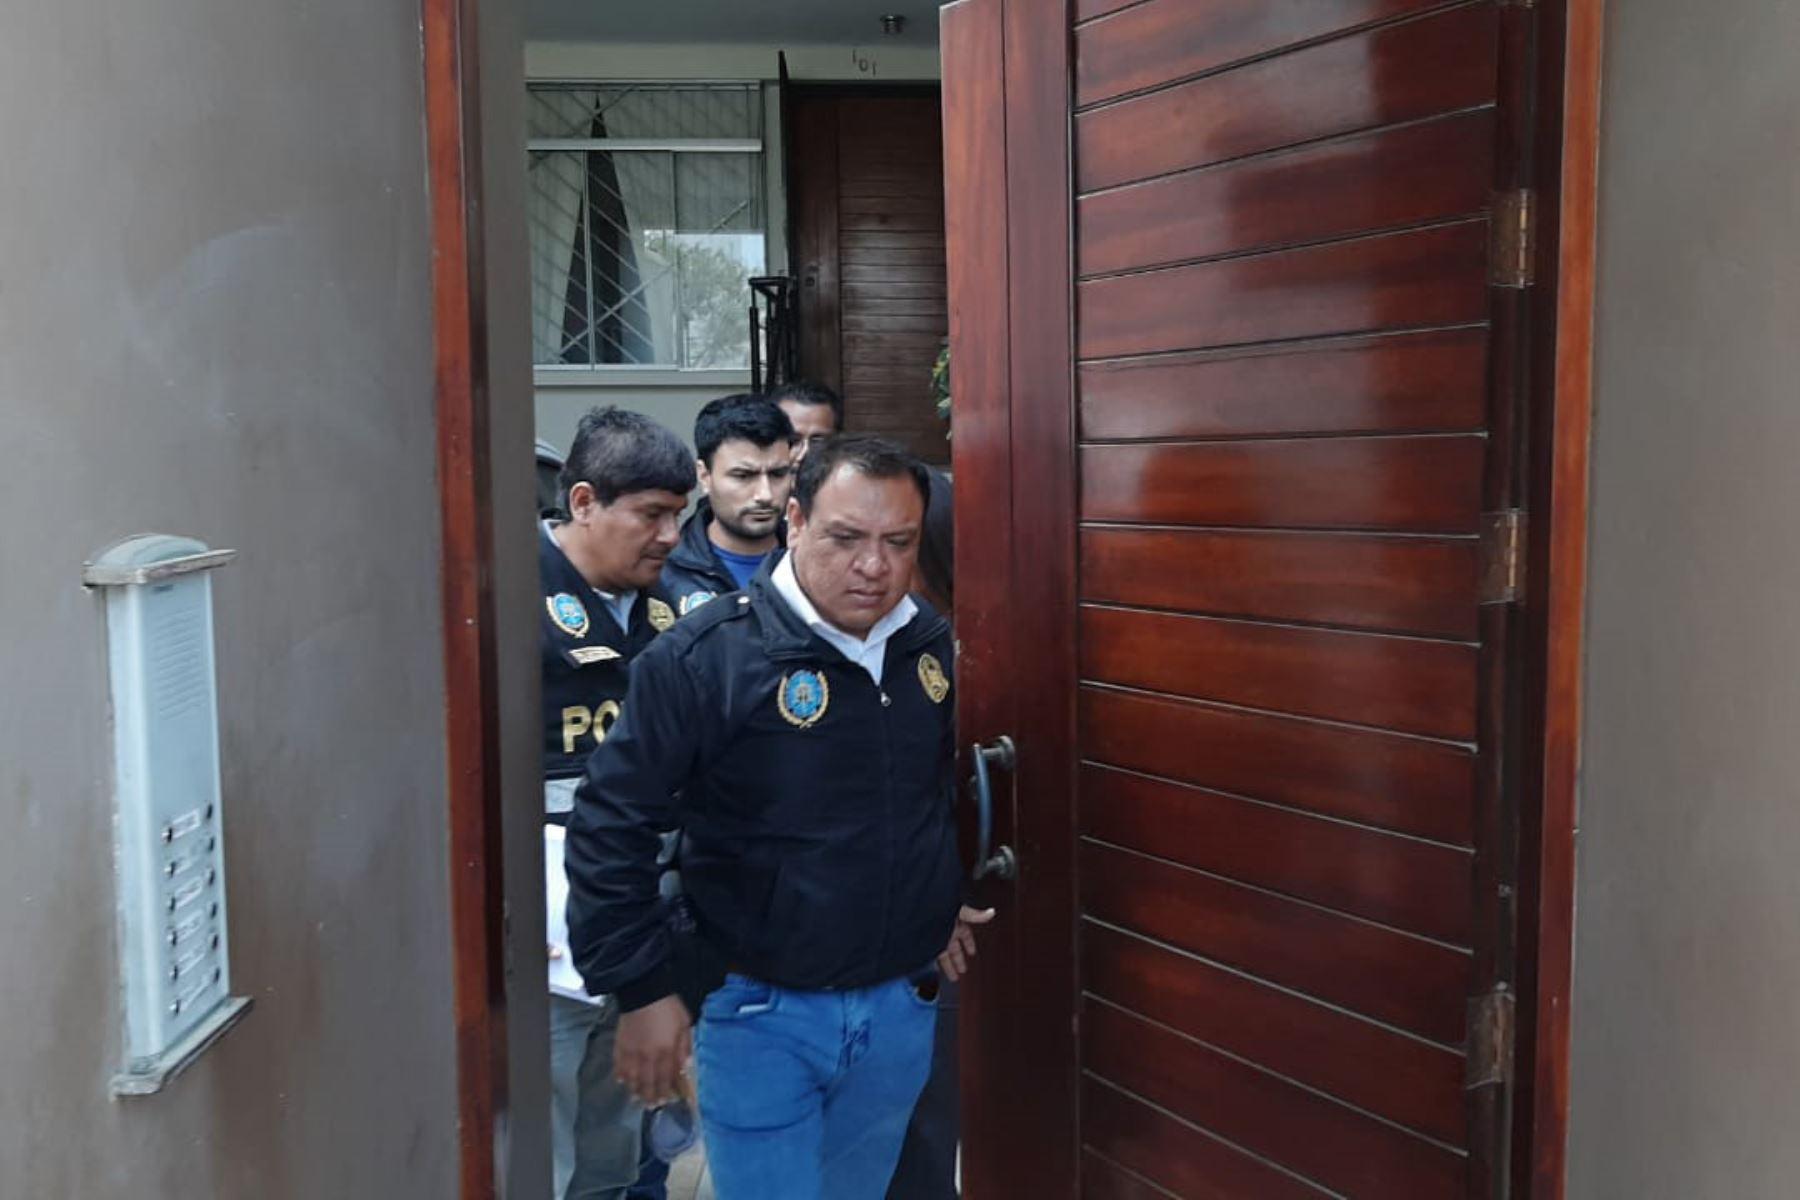 Fiscalía Anticorrupción y la Policía allanaron vivienda de Betsy Matos, exasesora de Luciana León, ubicada en Trujillo. Foto: Luis Puell